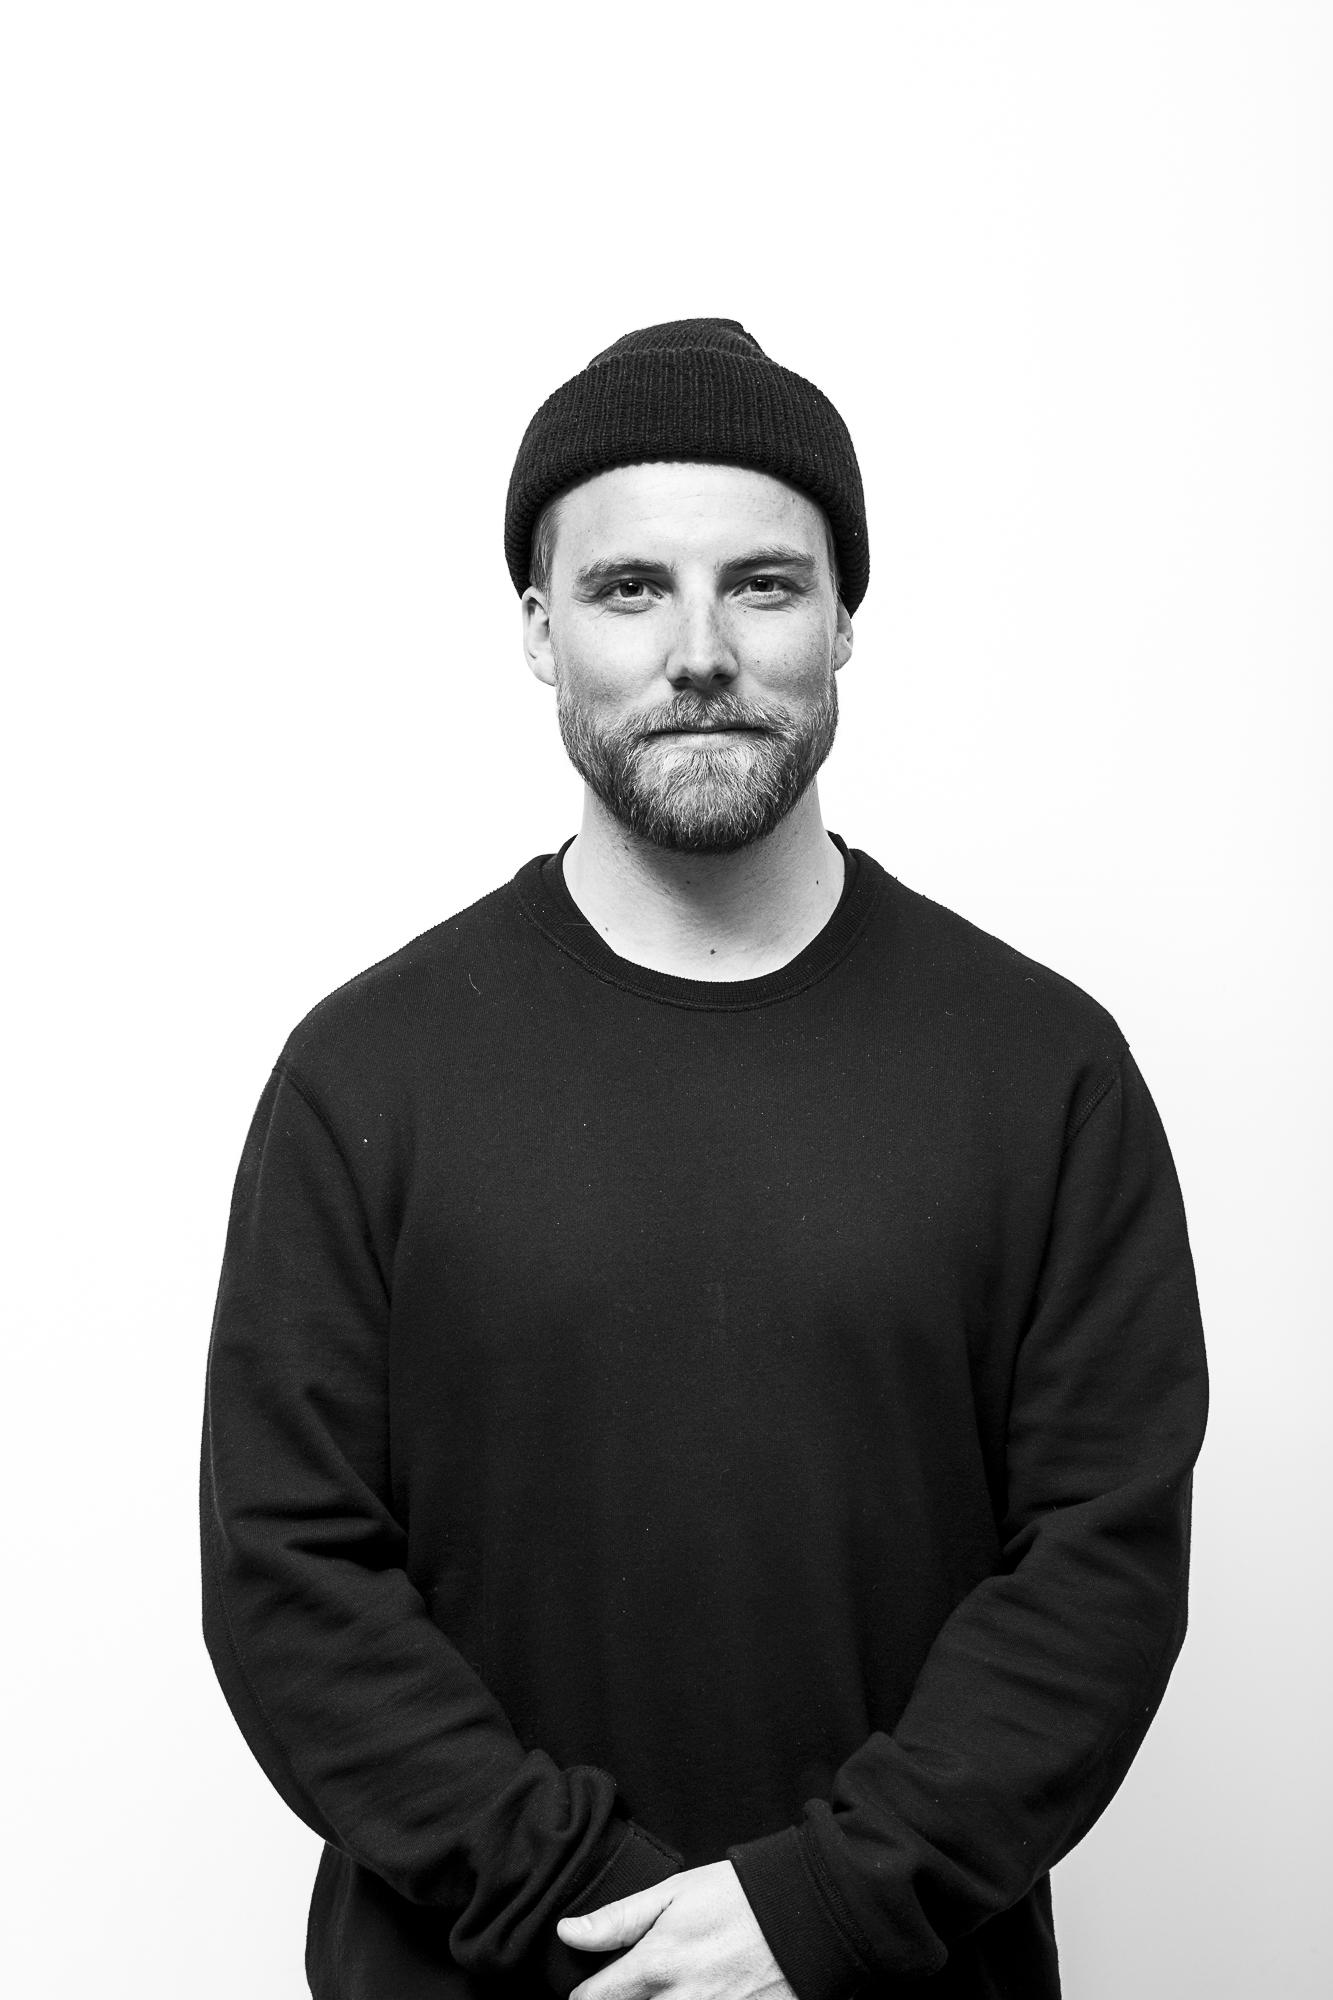 Jon Olsson Invitational as best invitations sample